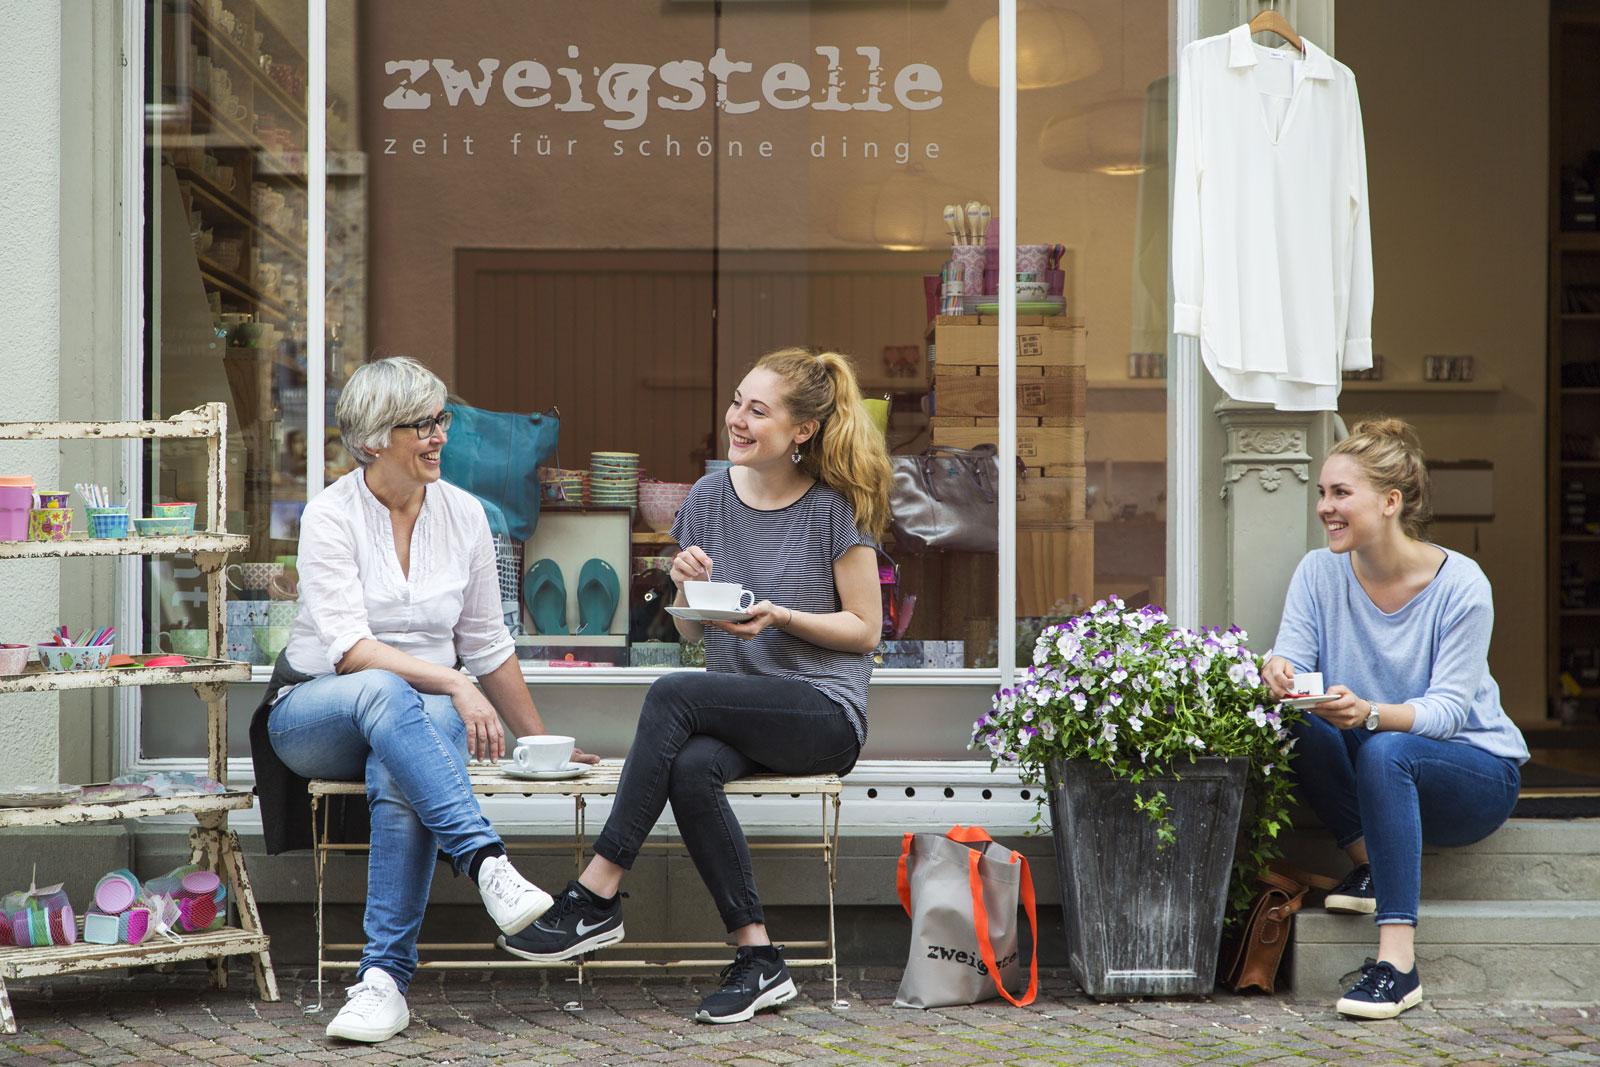 Einkaufen in Leutkirch im Geschäft Zweigstelle